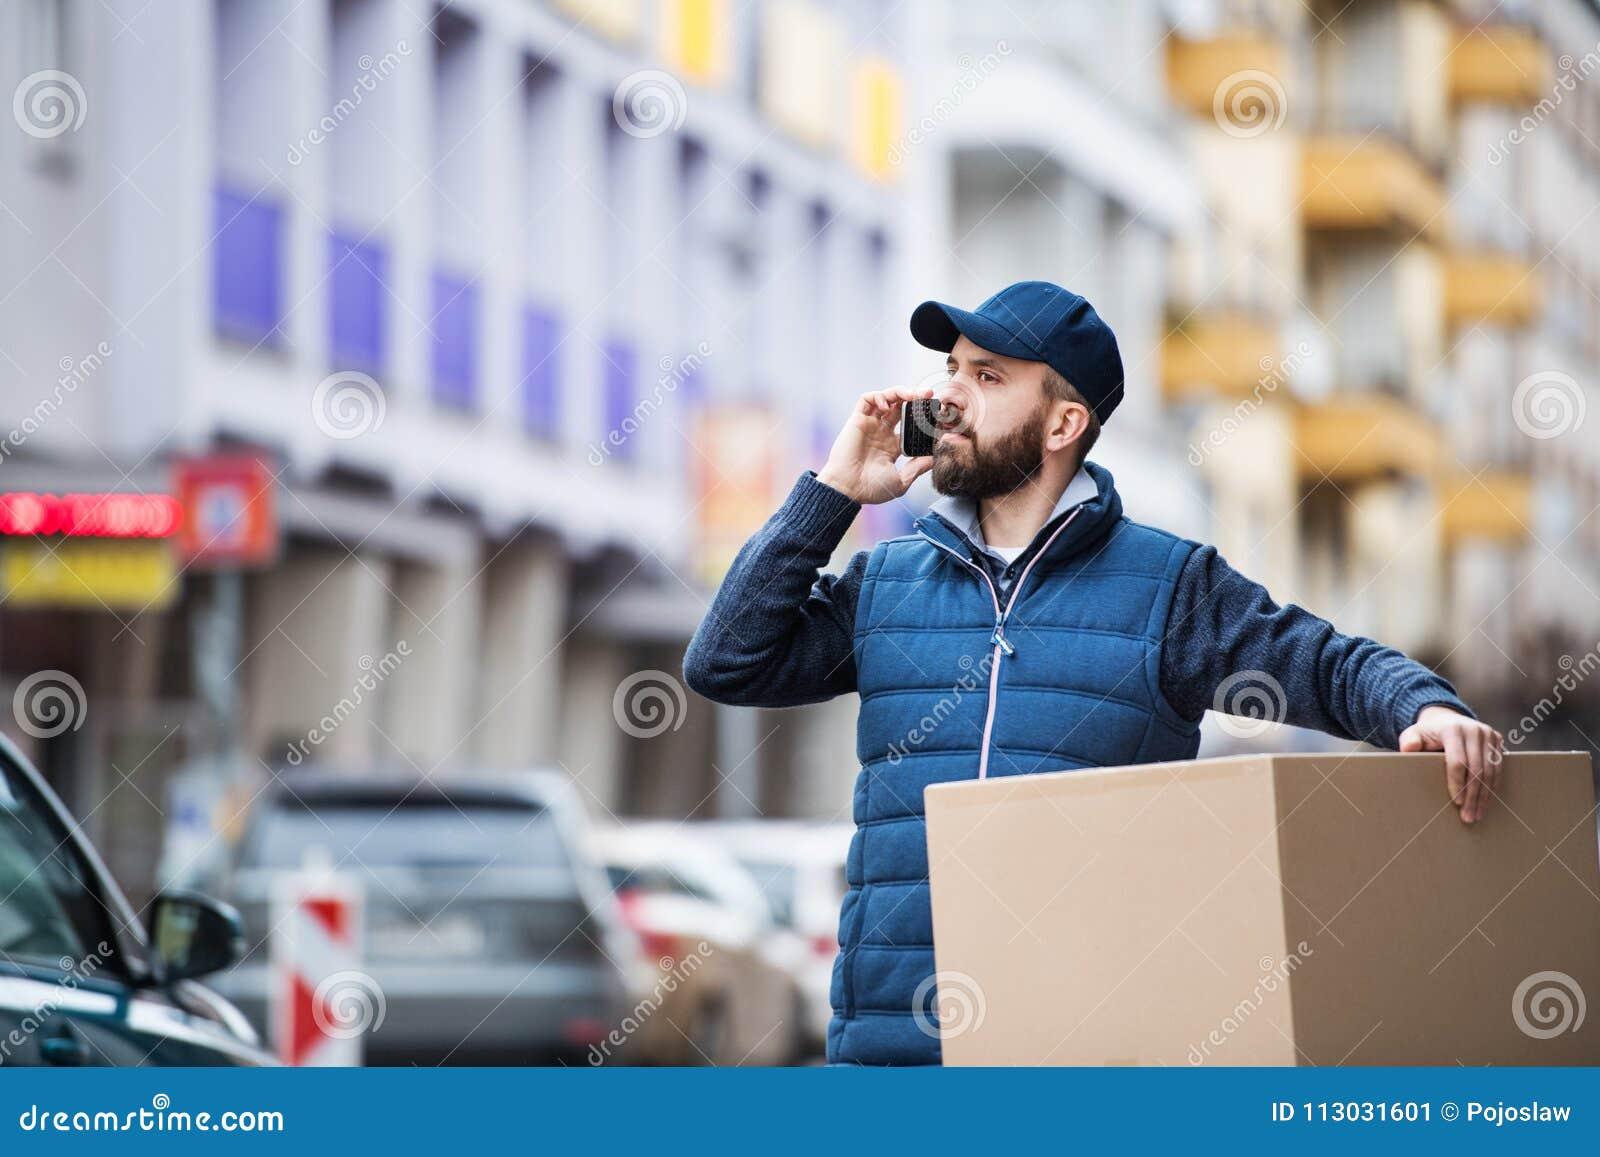 Hombre de entrega con una caja del paquete en la calle